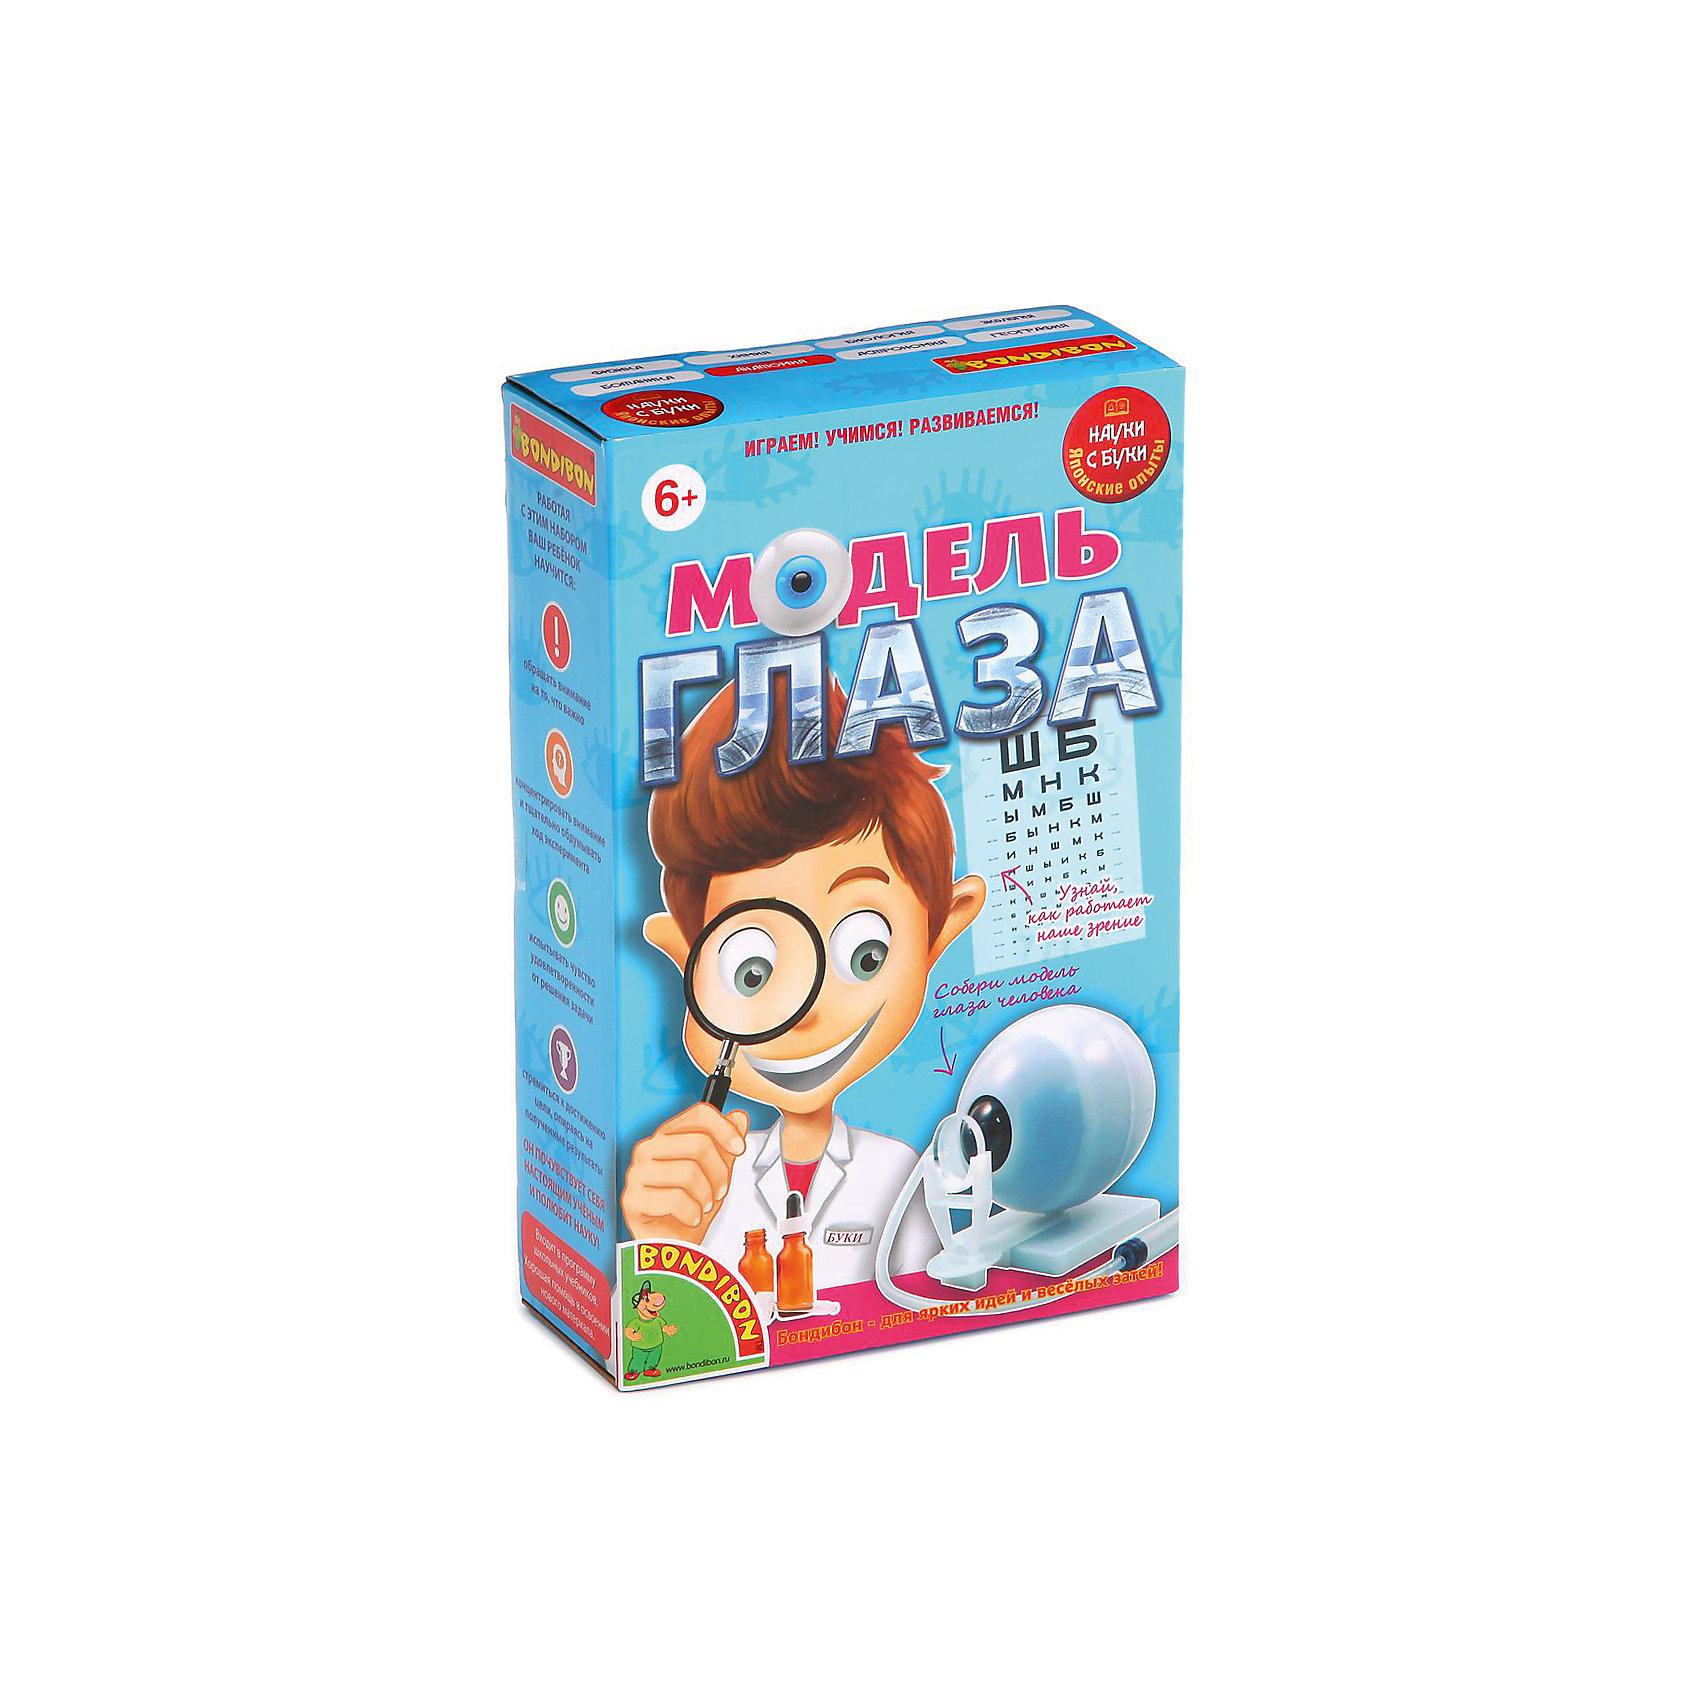 Японские опыты Модель глазаЭксперименты и опыты<br>Японские опыты Модель глаза – поможет ребенку узнать ответы на самые необычные вопросы.<br>Набор японских опытов – это необычная методика познавания мира. Благодаря такому набору ребенок сможет получать знания в игровой форме. Модель глаза, которую будет собирать ребенок, поможет малышу ценить зрение, понимать как состоит глаз, что такое дальнозоркость и близорукость. Наука для малышей стала еще интереснее. <br><br>Дополнительная информация:<br><br>- материал: пластик, резина, пленка<br>- размер упаковки: 13х20,5х5,5<br>- вес: 300 г<br><br>Японские опыты Модель глаза можно купить в нашем интернет магазине.<br><br>Ширина мм: 13<br>Глубина мм: 6<br>Высота мм: 21<br>Вес г: 162<br>Возраст от месяцев: 72<br>Возраст до месяцев: 144<br>Пол: Унисекс<br>Возраст: Детский<br>SKU: 4993080